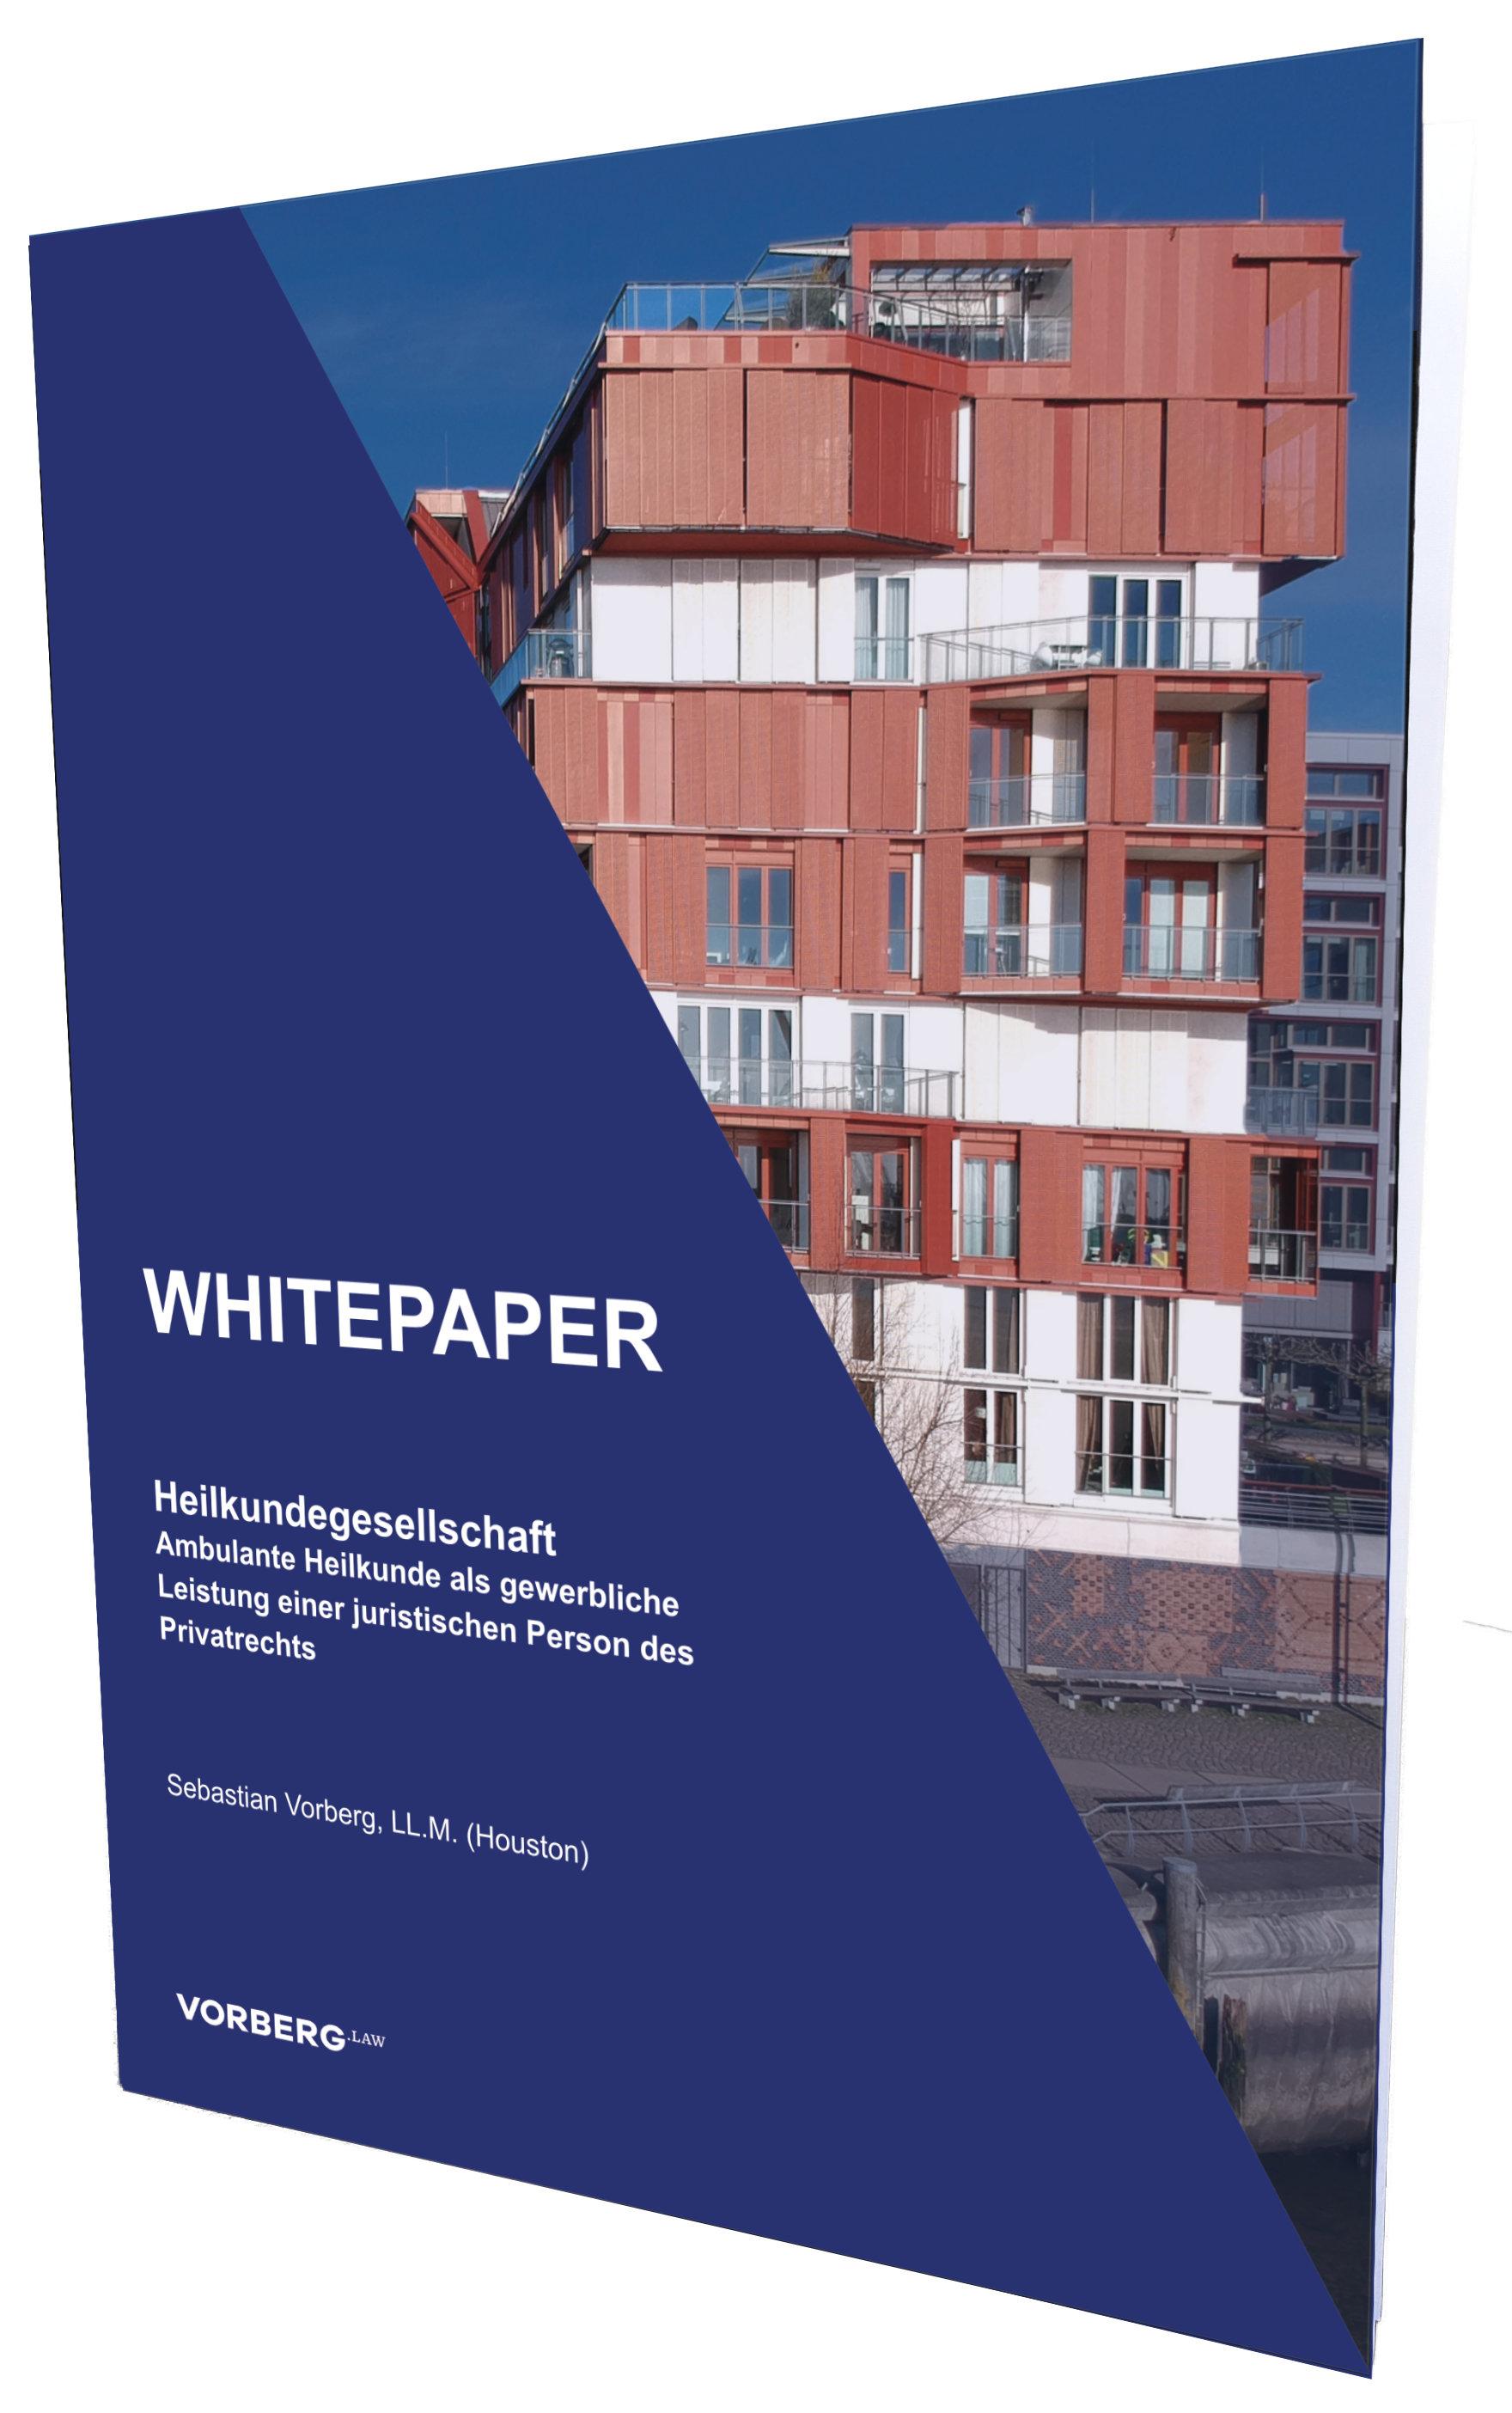 Stockbild_Whitepaper Heilkundegesellschaft